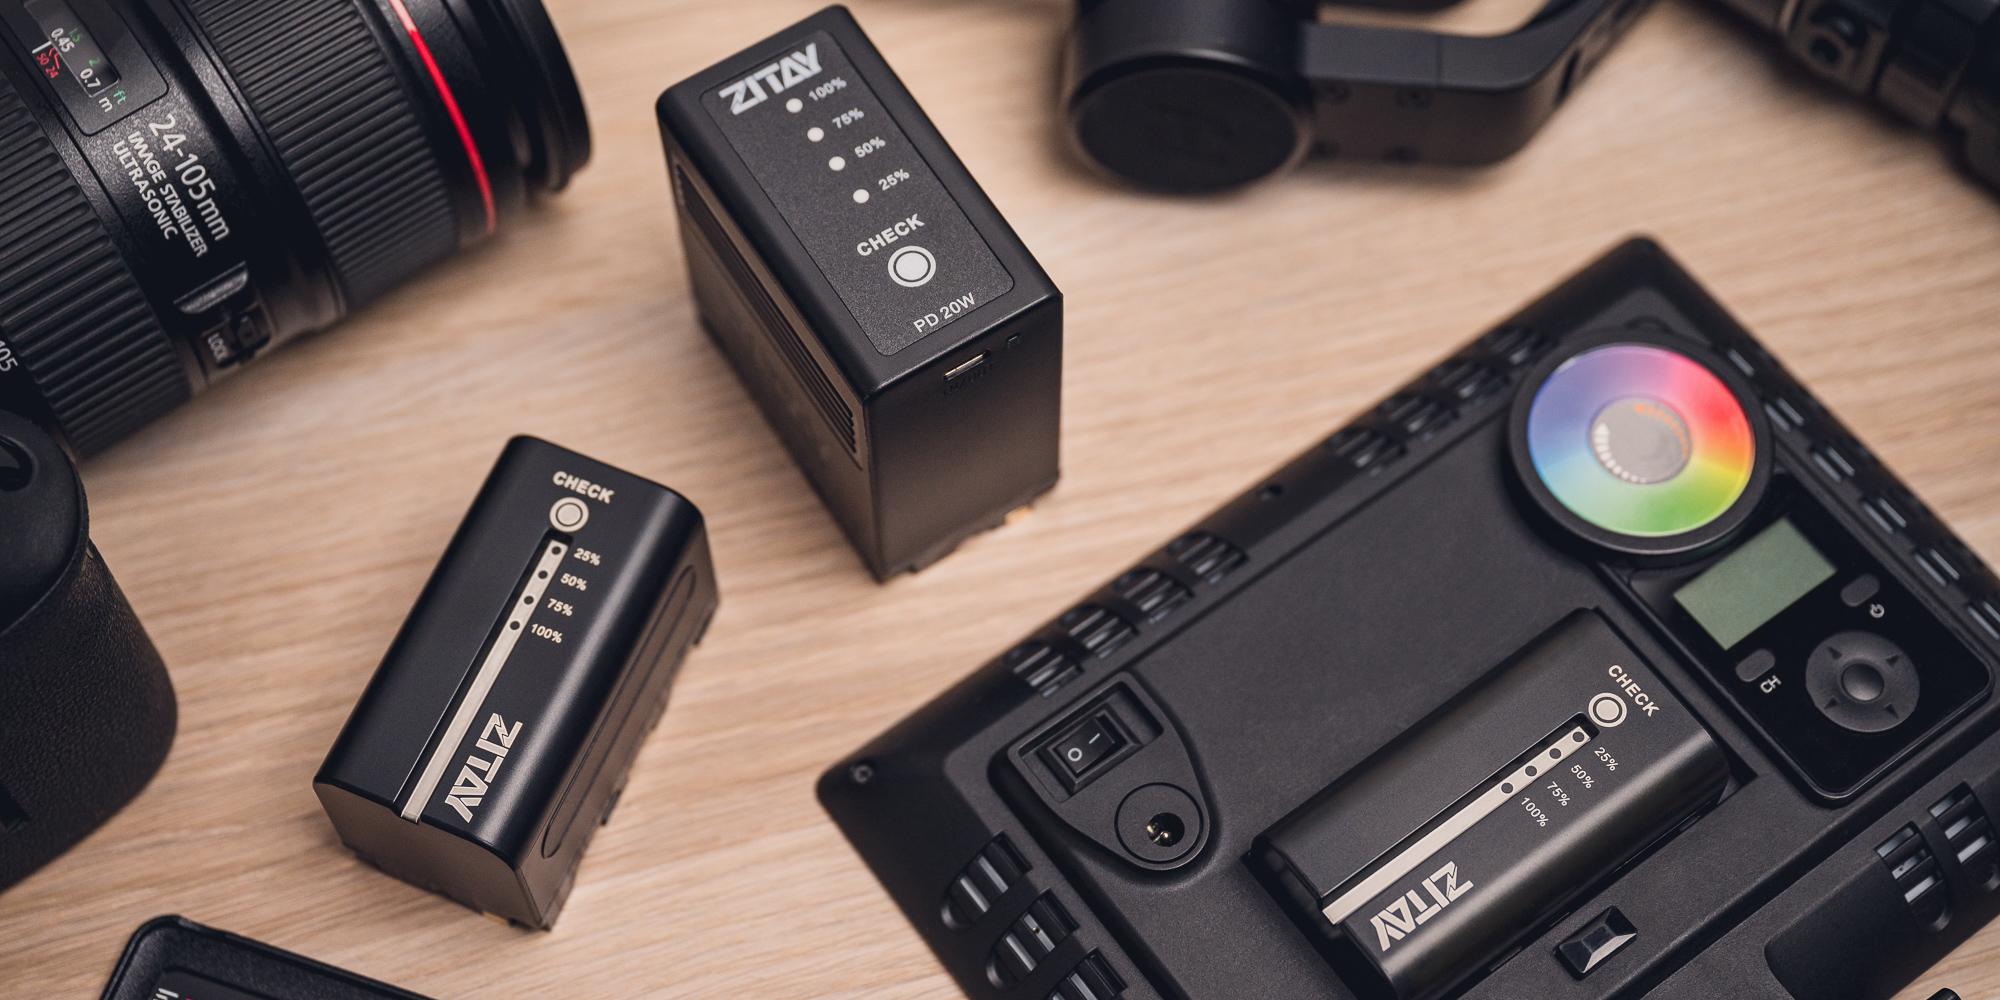 Akumulator Zitay zamiennik NP-F970 - Bezpieczne ładowanie